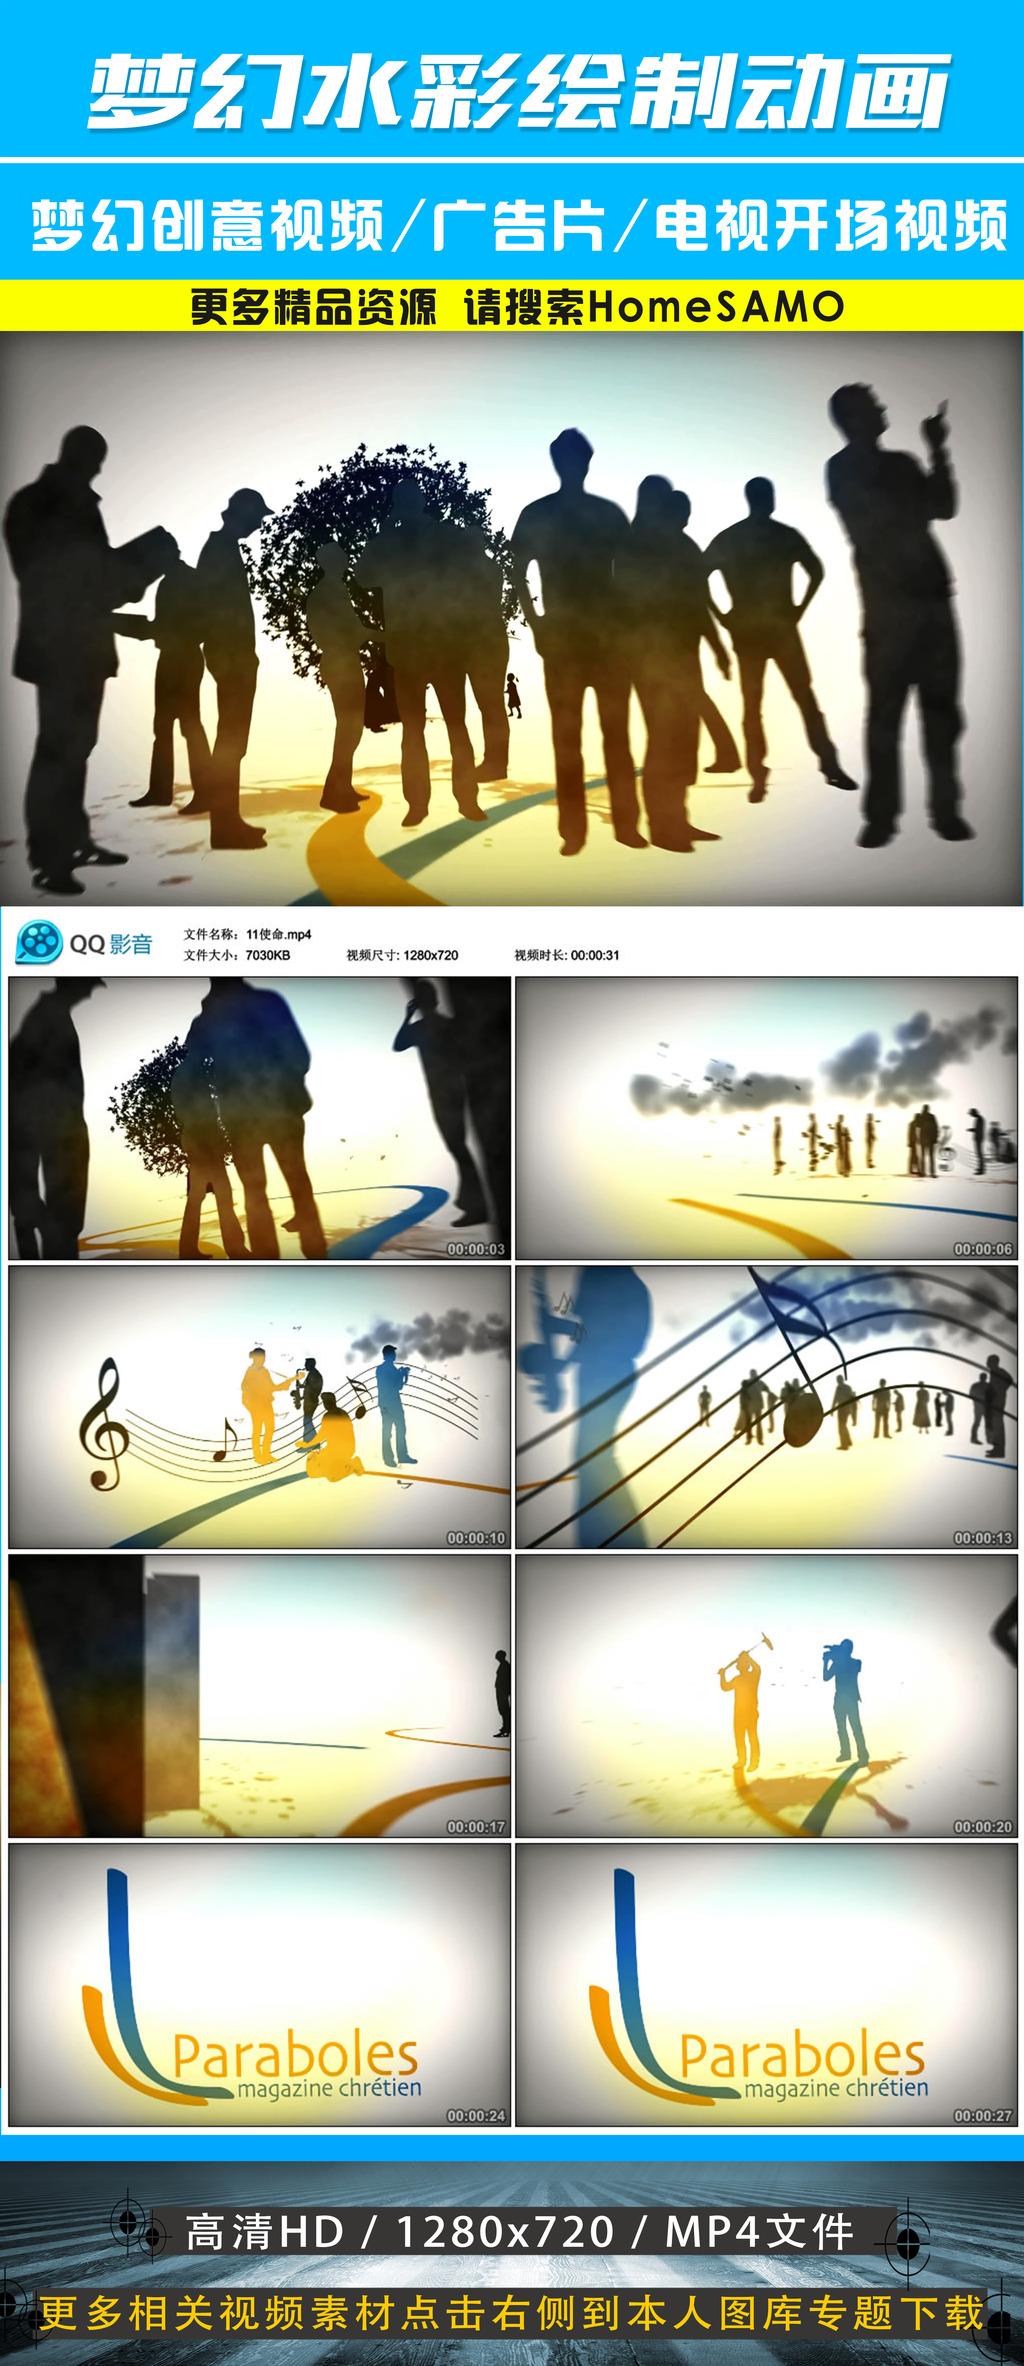 视频梦幻绘制卡通动画开场水彩素材图片v视频_西宁晚妆酒吧平面设计图片